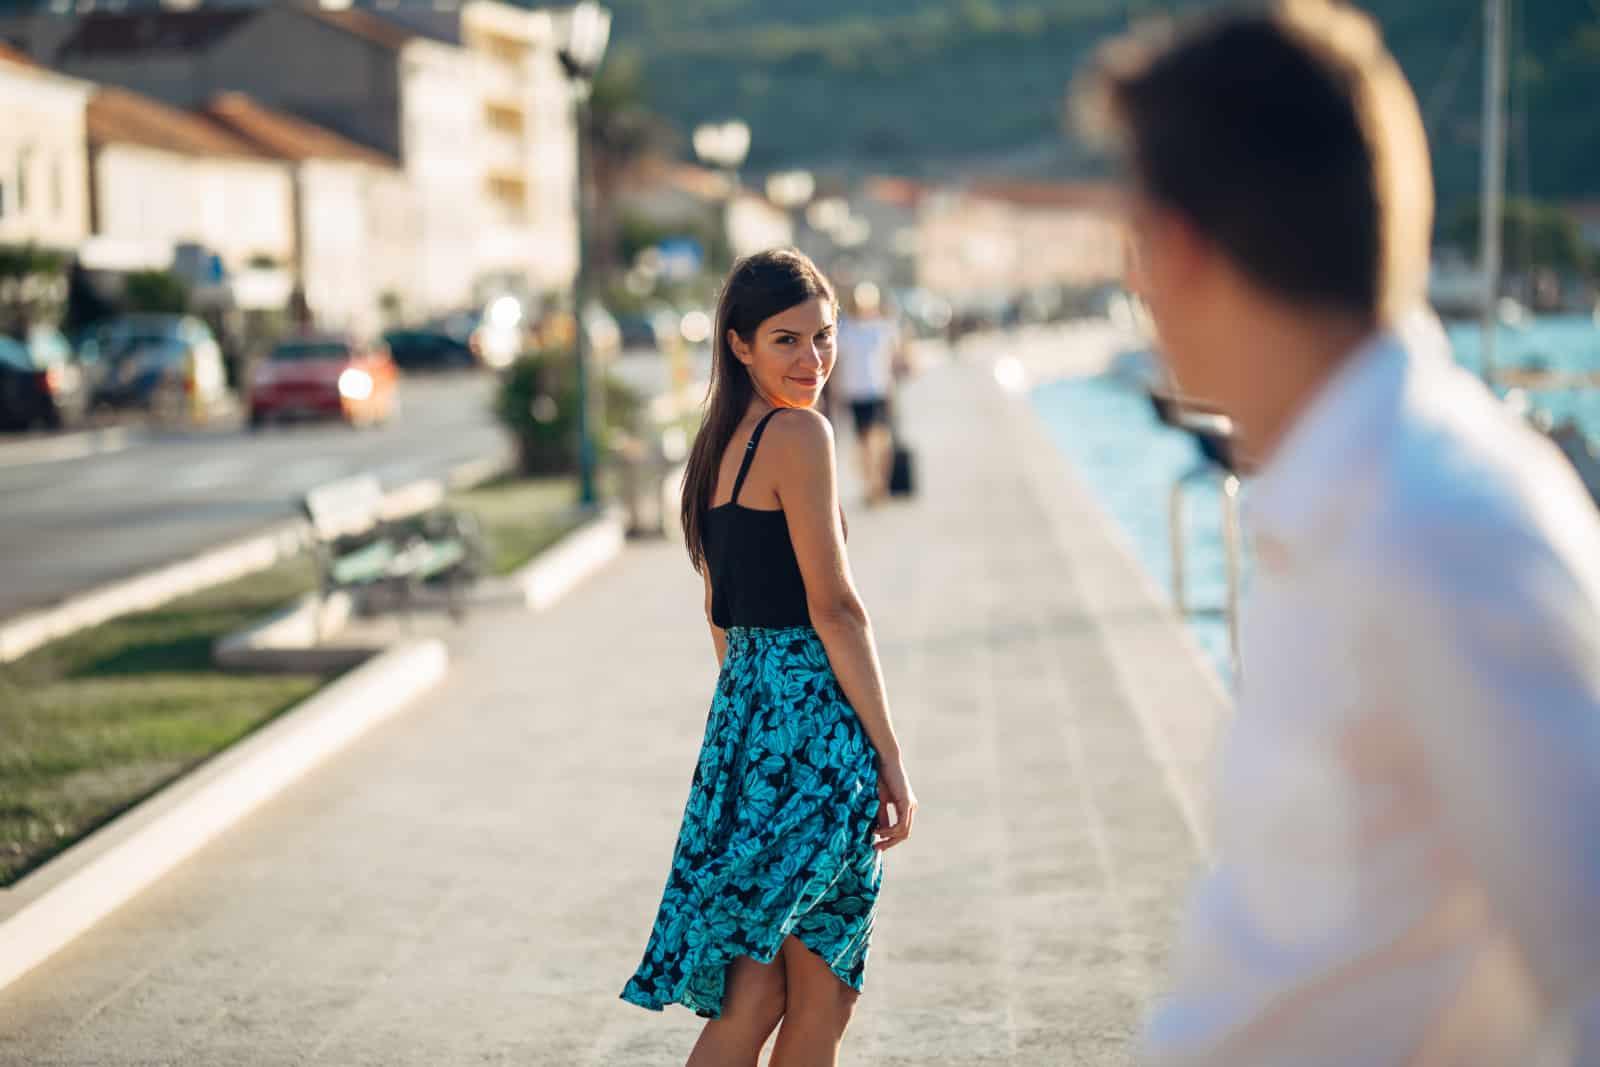 Ein Mann und ein Mädchen flirten auf der Straße